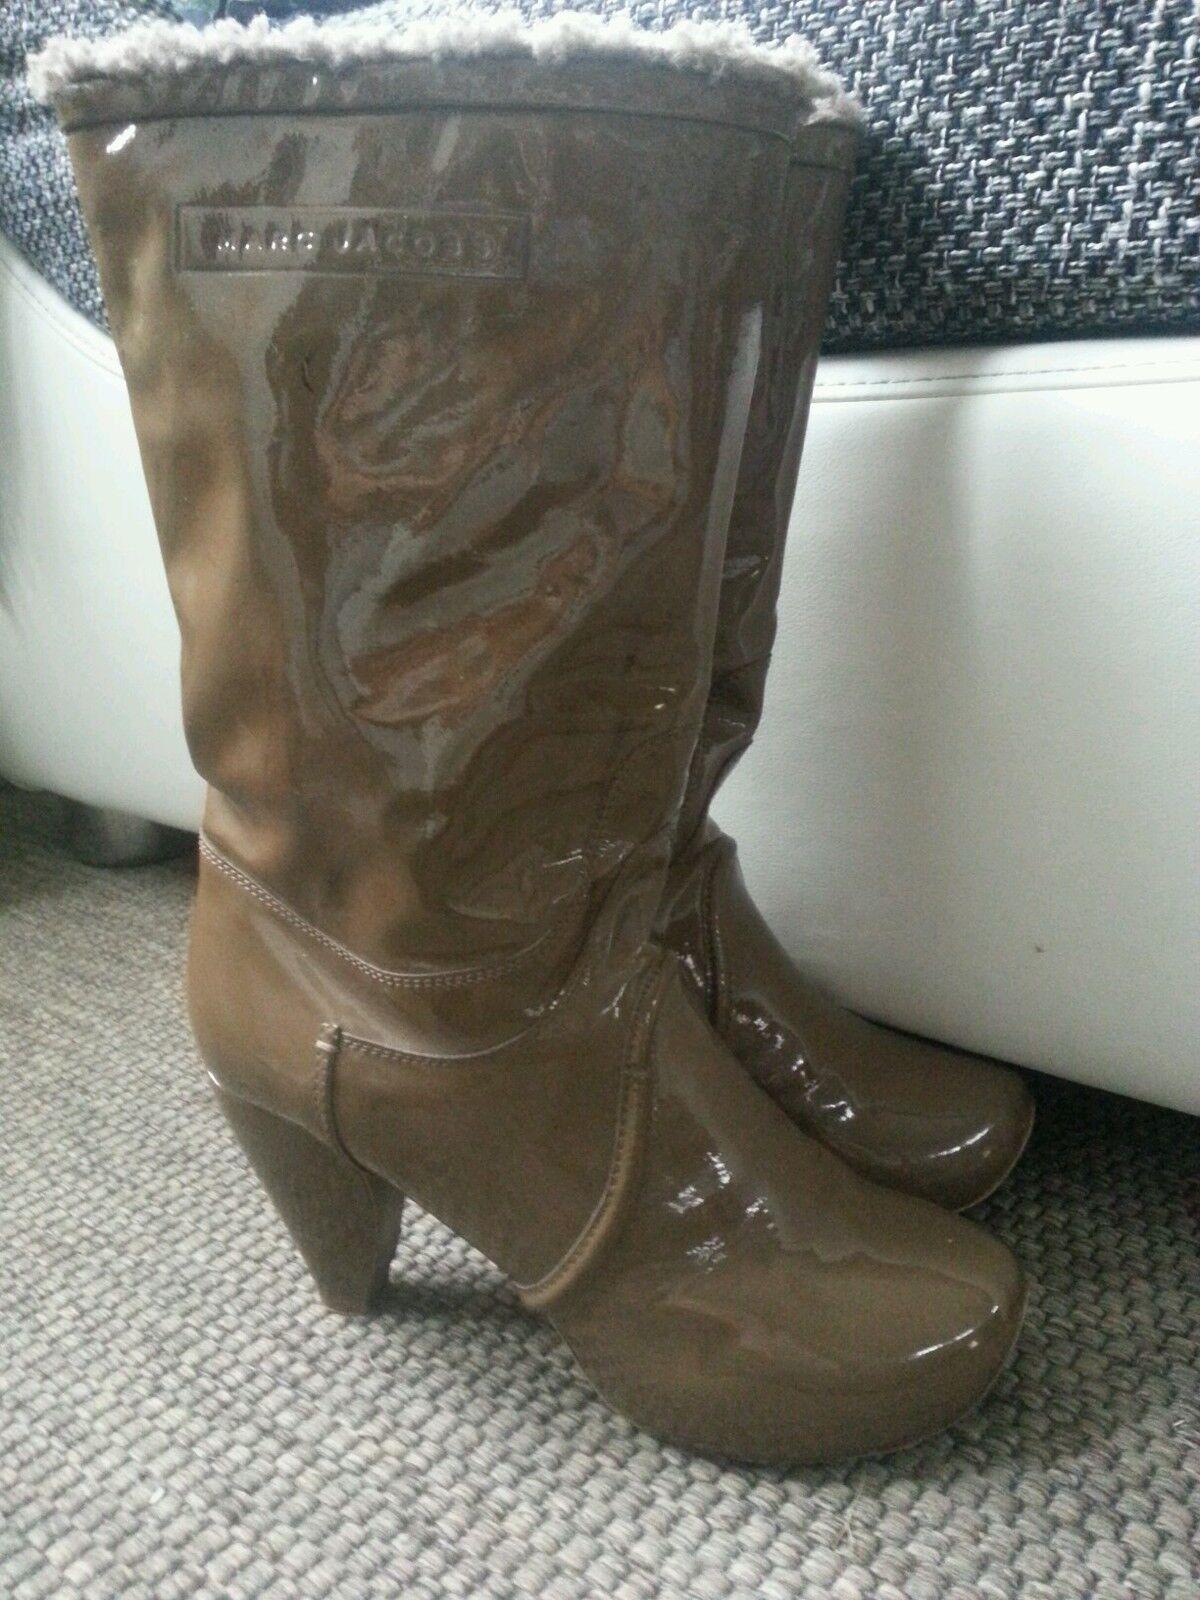 NP 759 marc jacobs botas zapato blogueros hipster